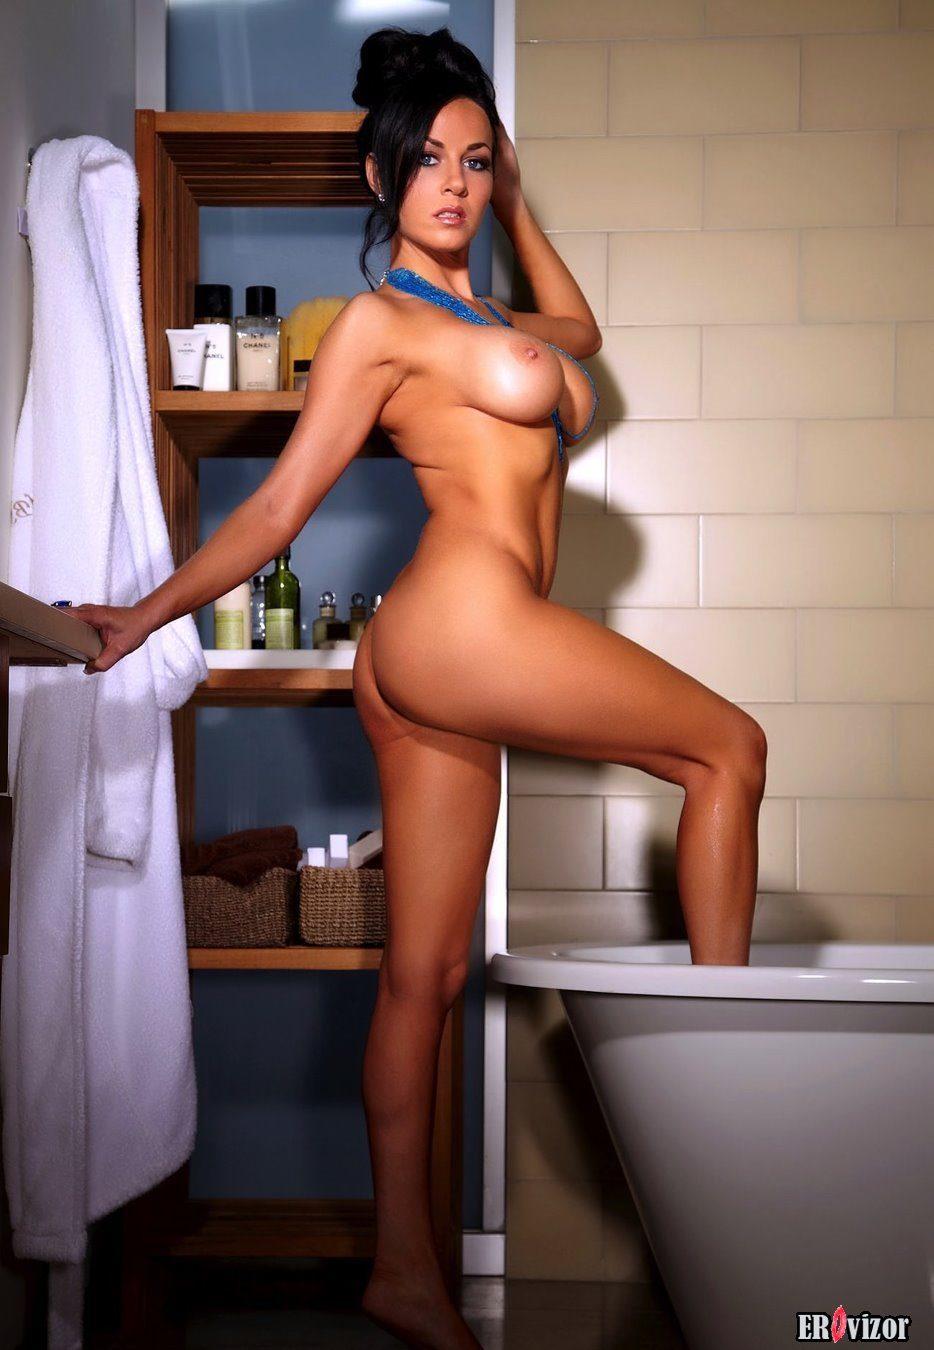 голые девушки в ванной 2